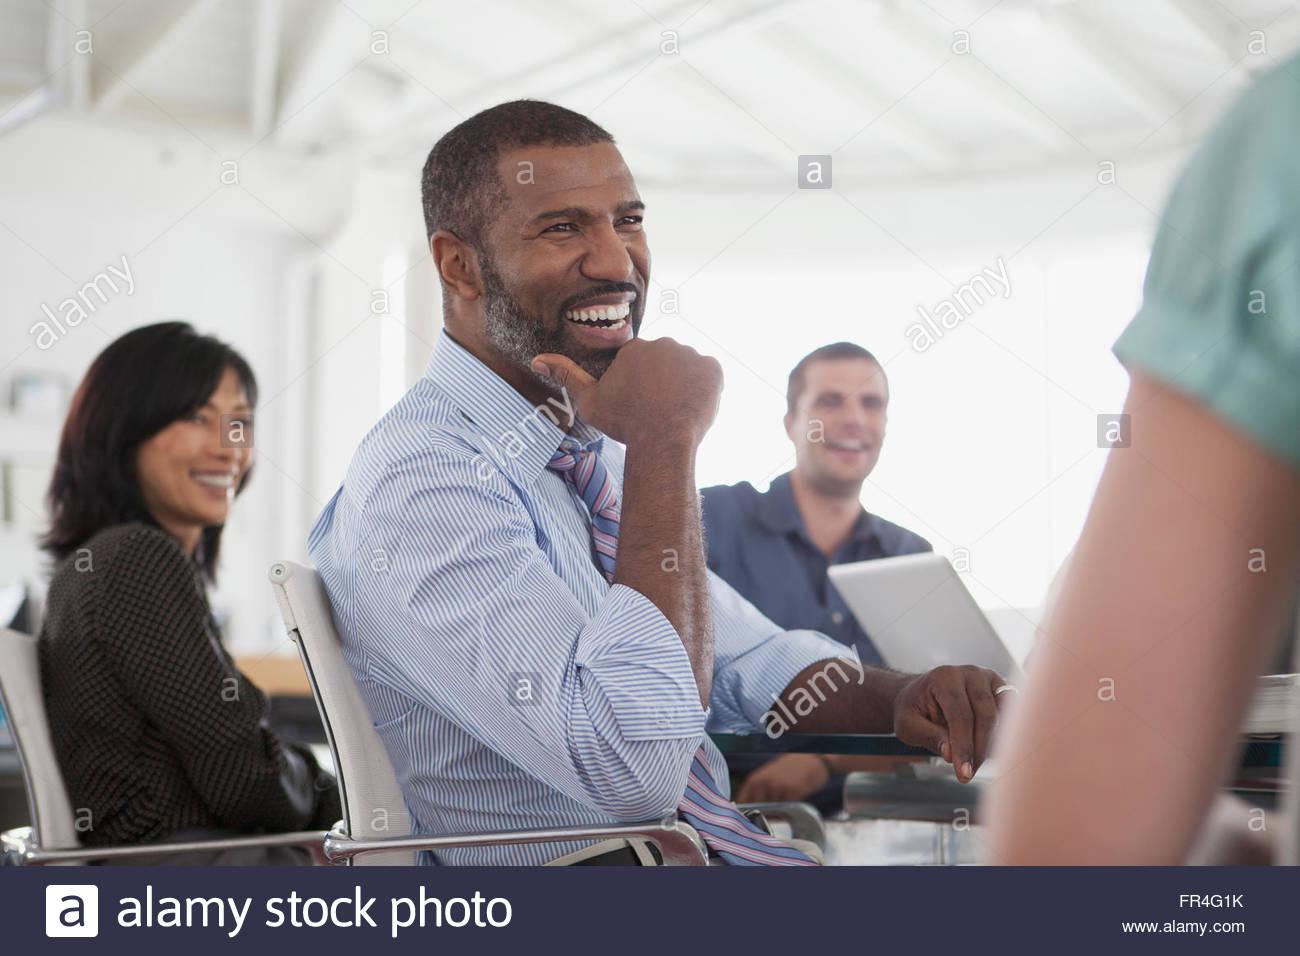 Attractive middle aged businessman ayant un rire au cours d'une réunion Photo Stock